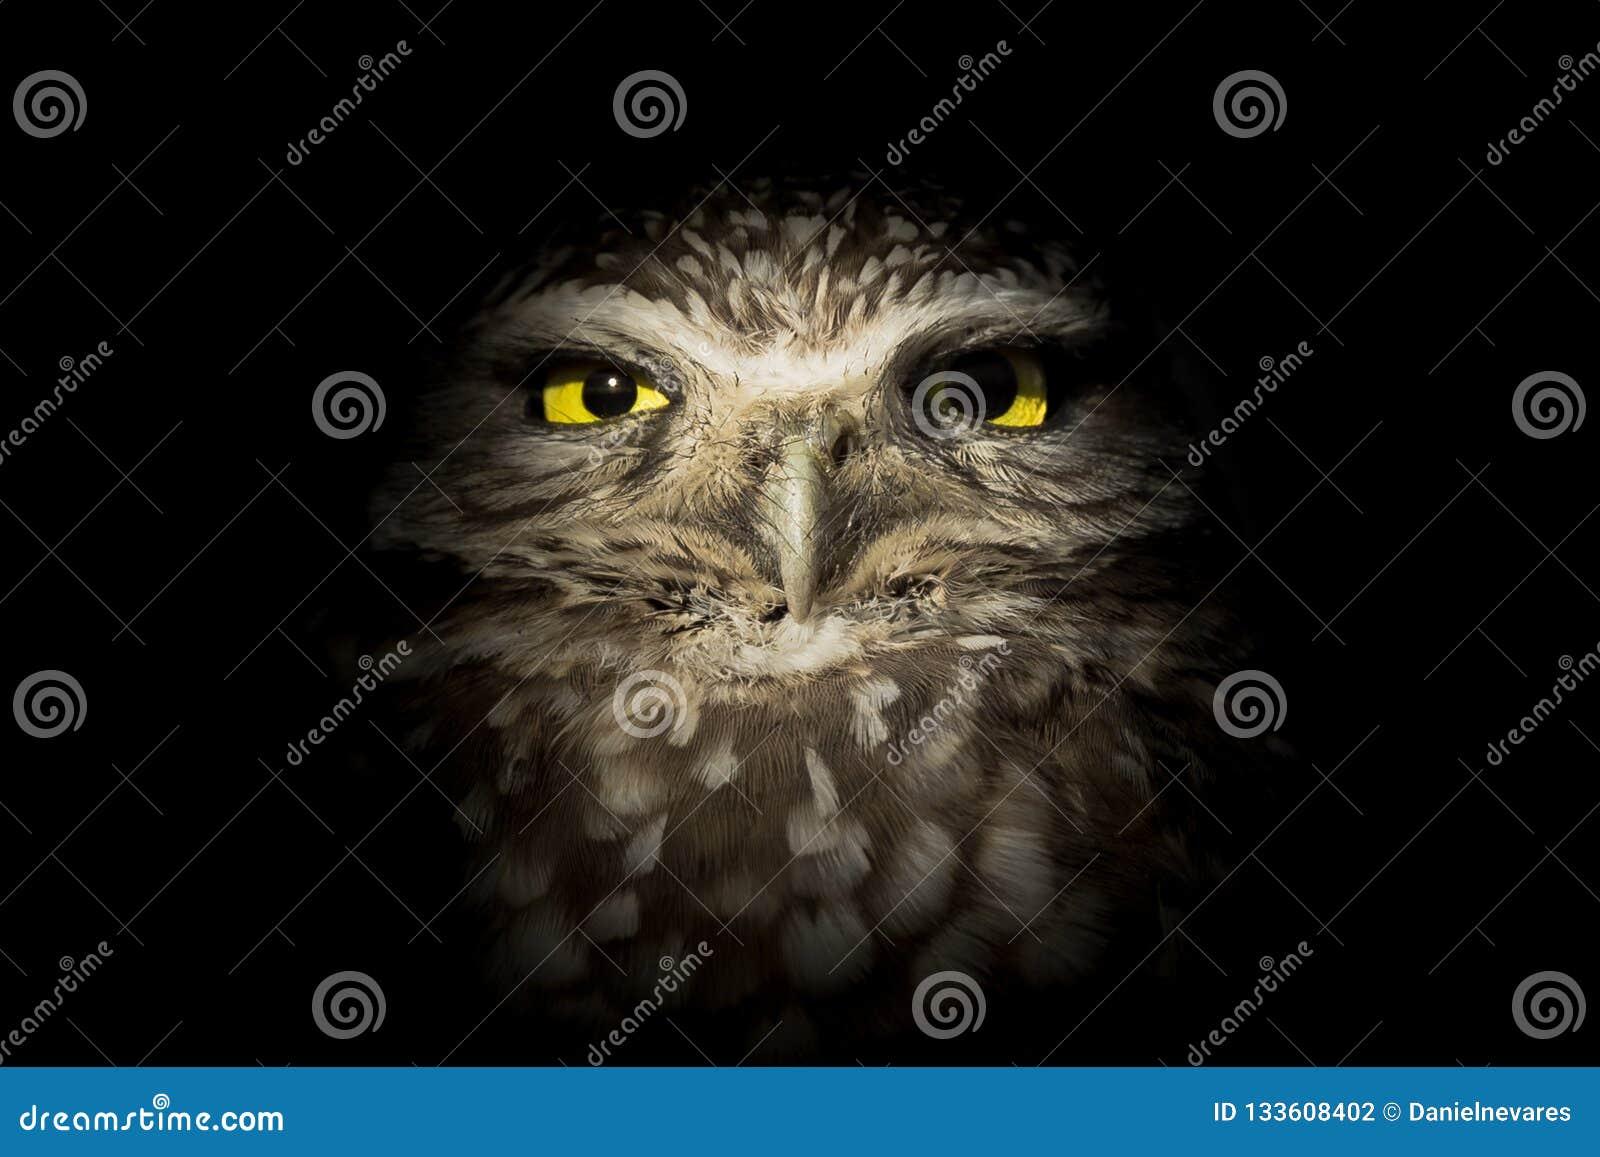 潜伏在黑暗的西部挖洞的猫头鹰-熬夜的人